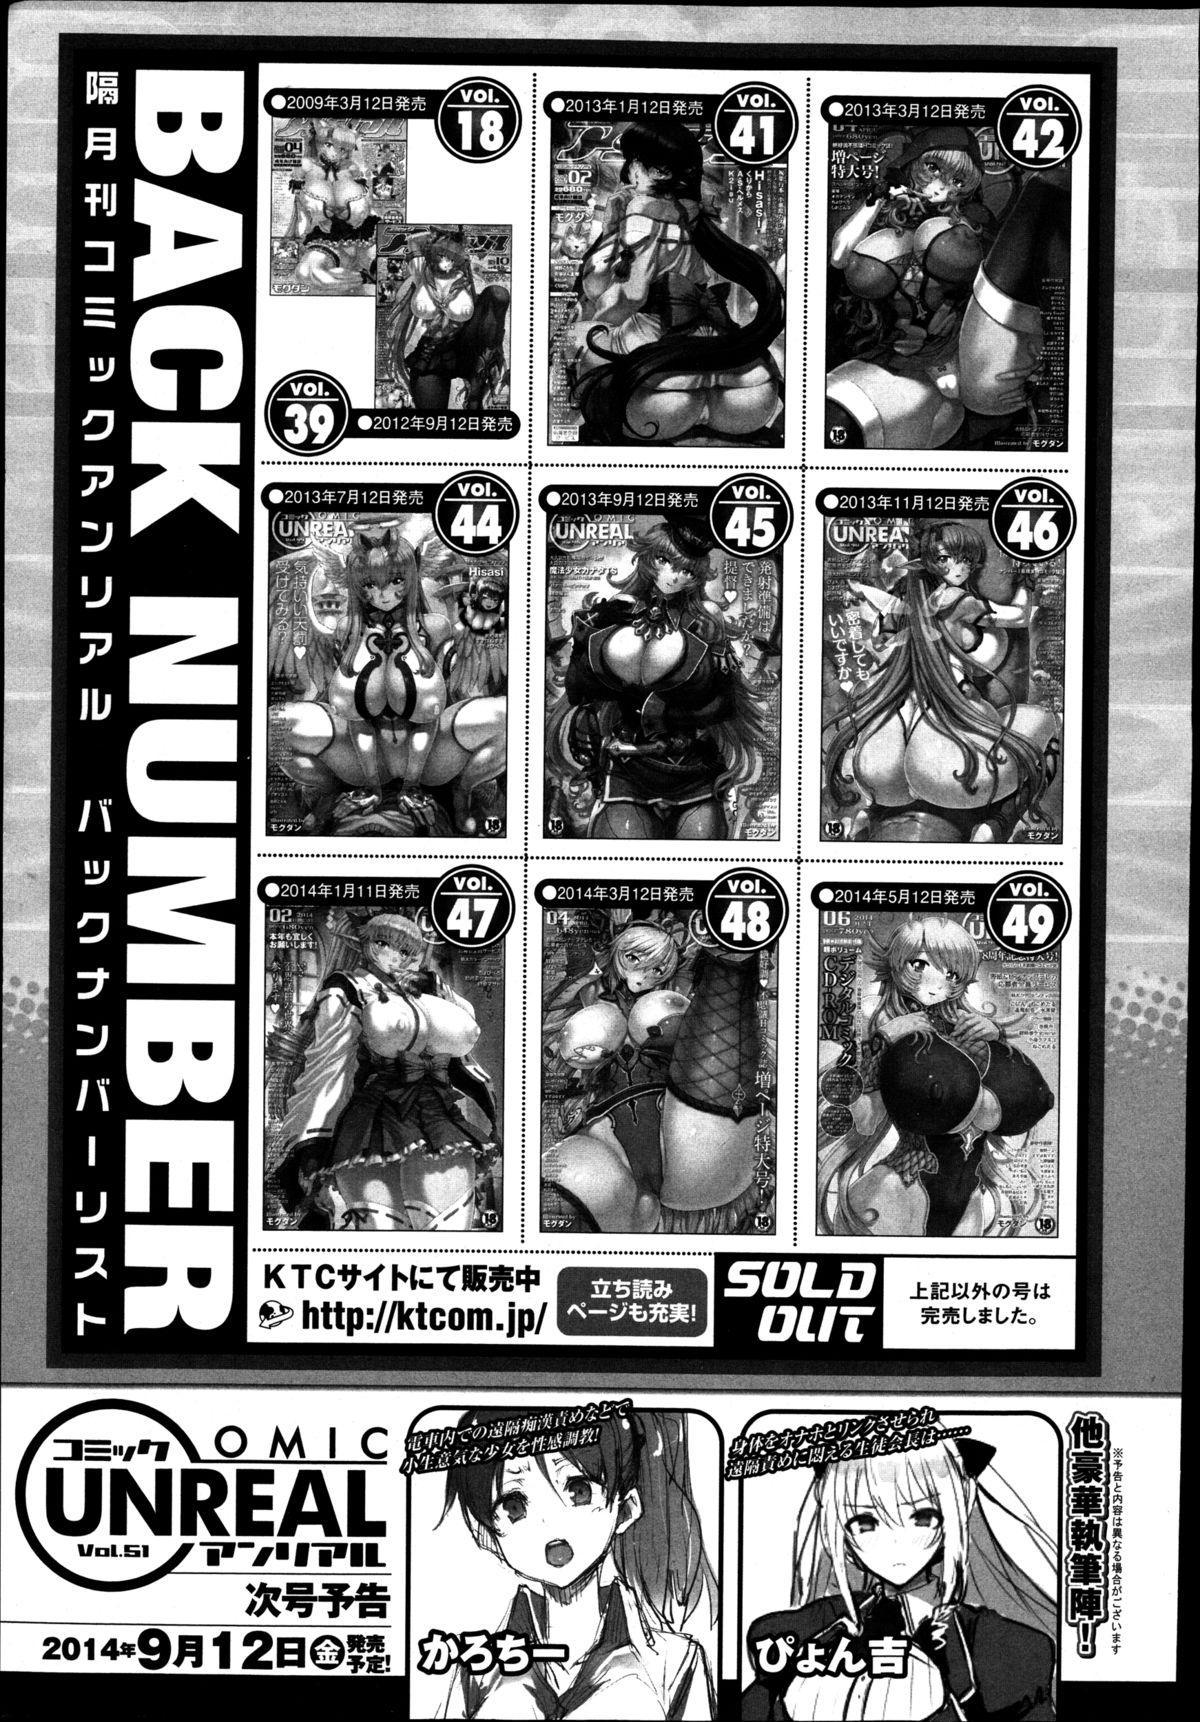 COMIC Unreal 2014-08 Vol.50 484